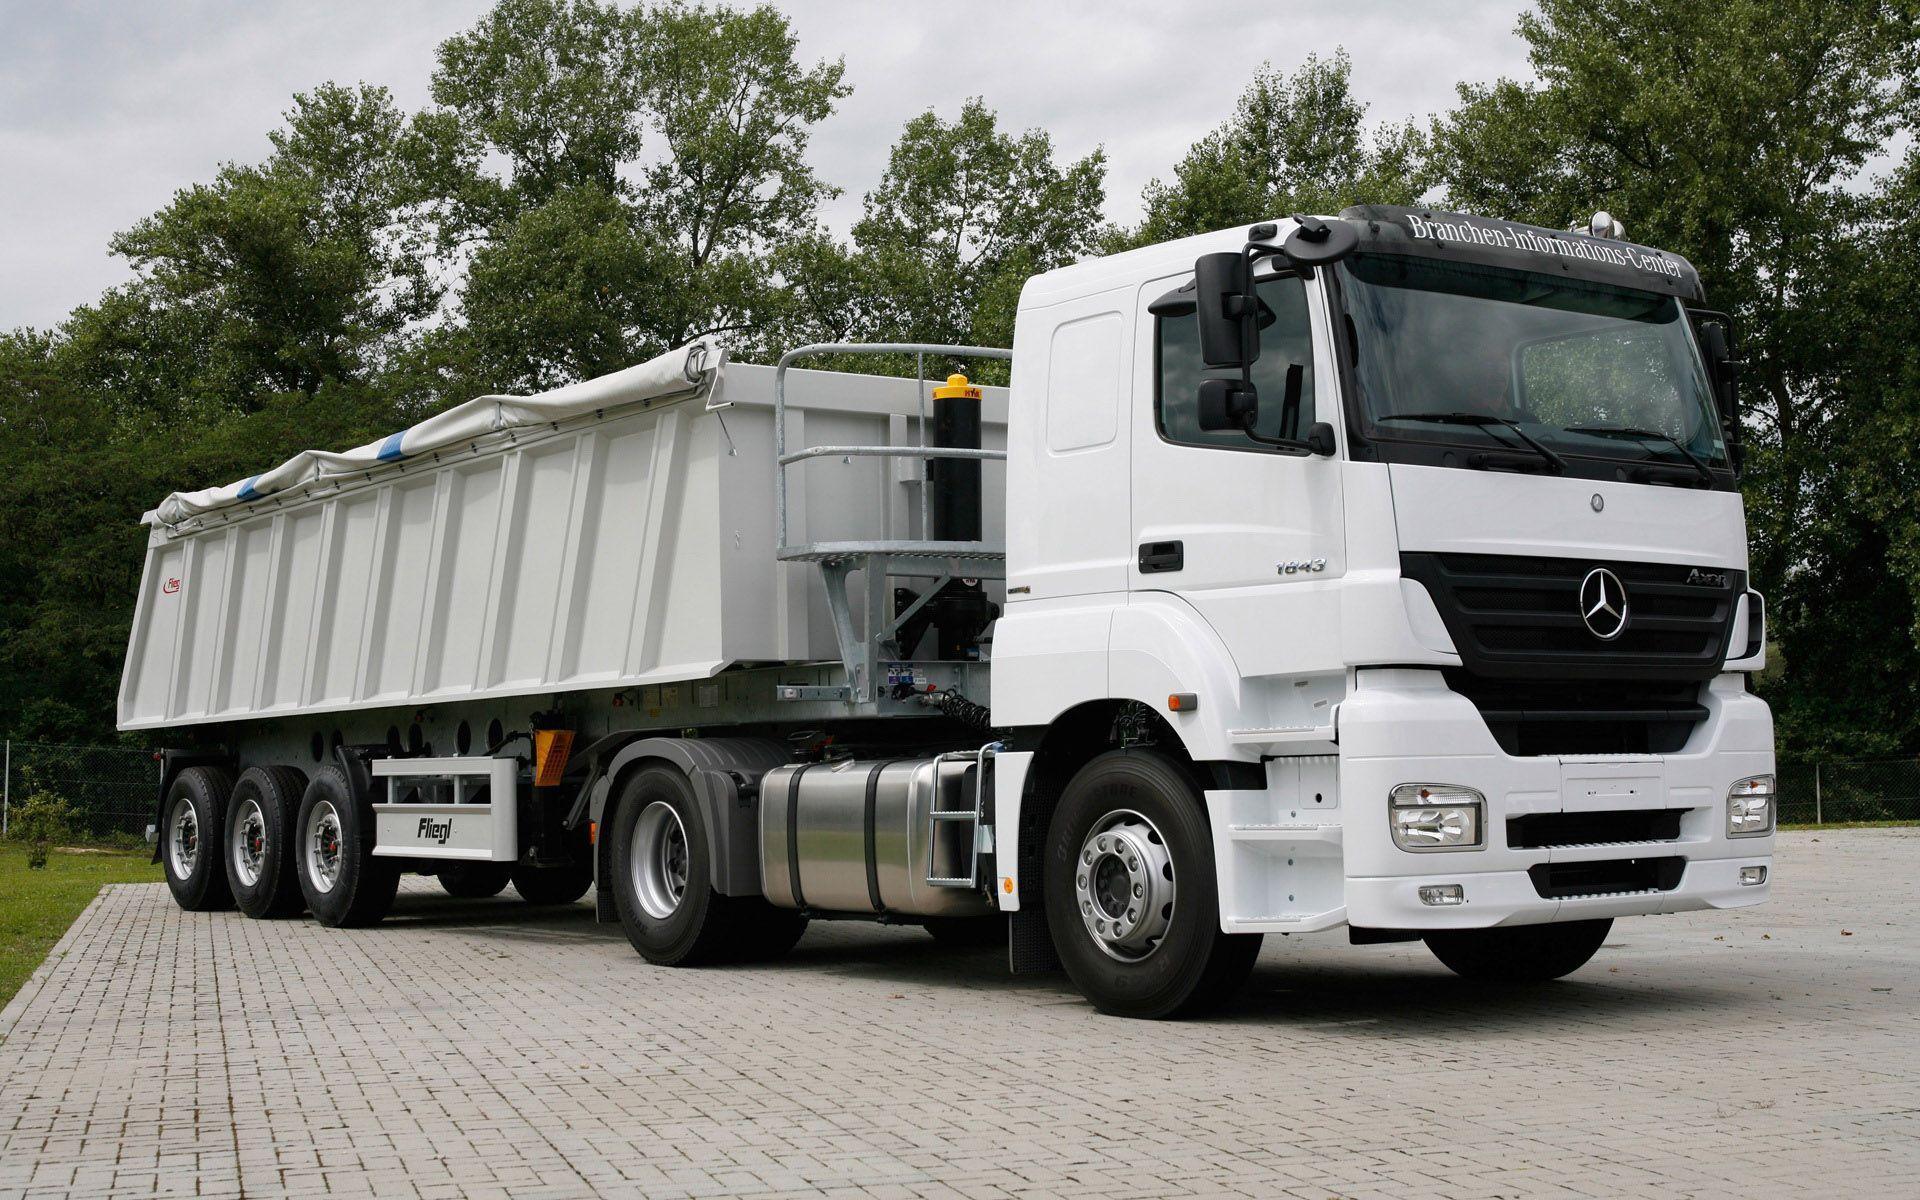 pics of big trucks